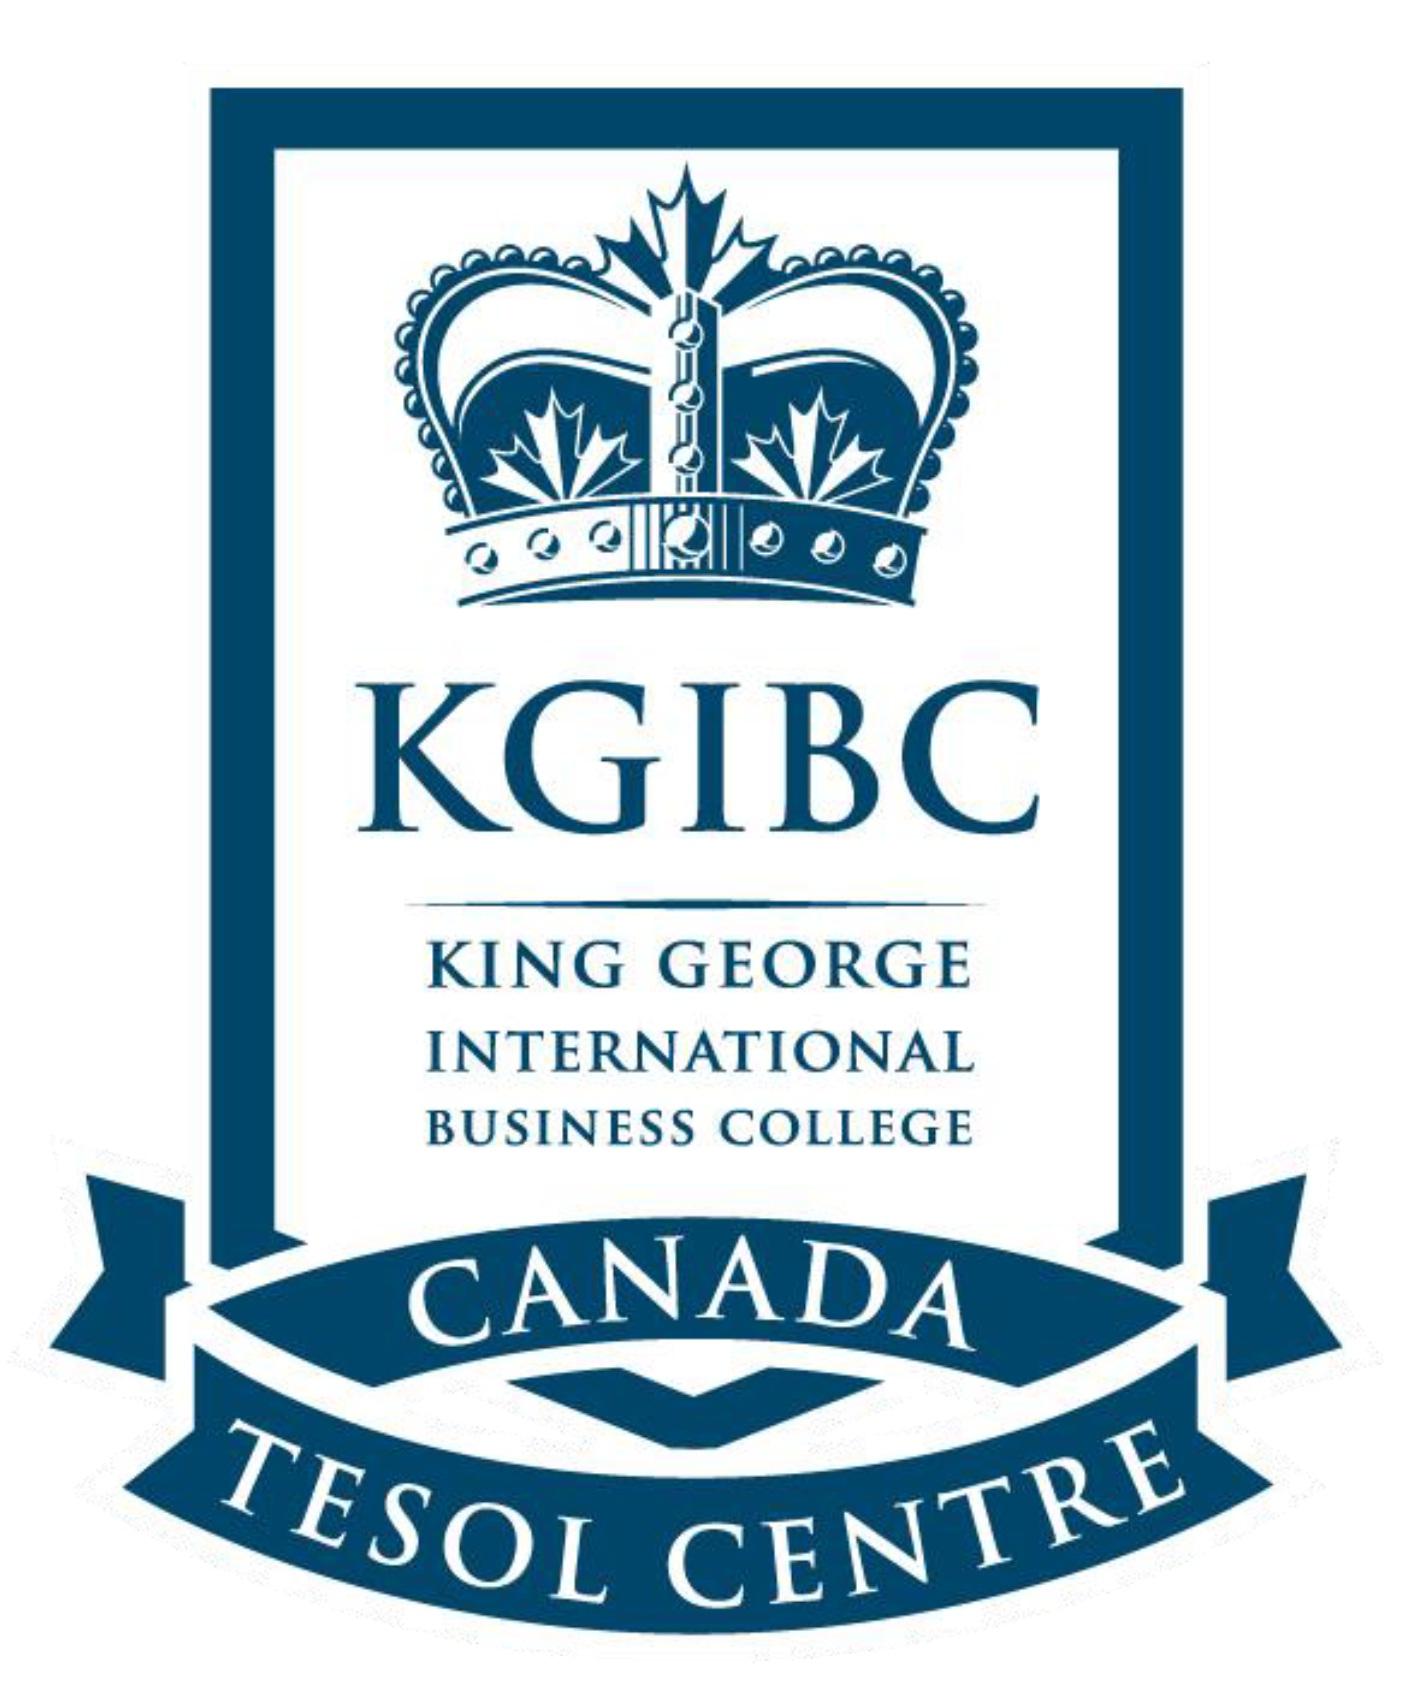 kgibc-logo